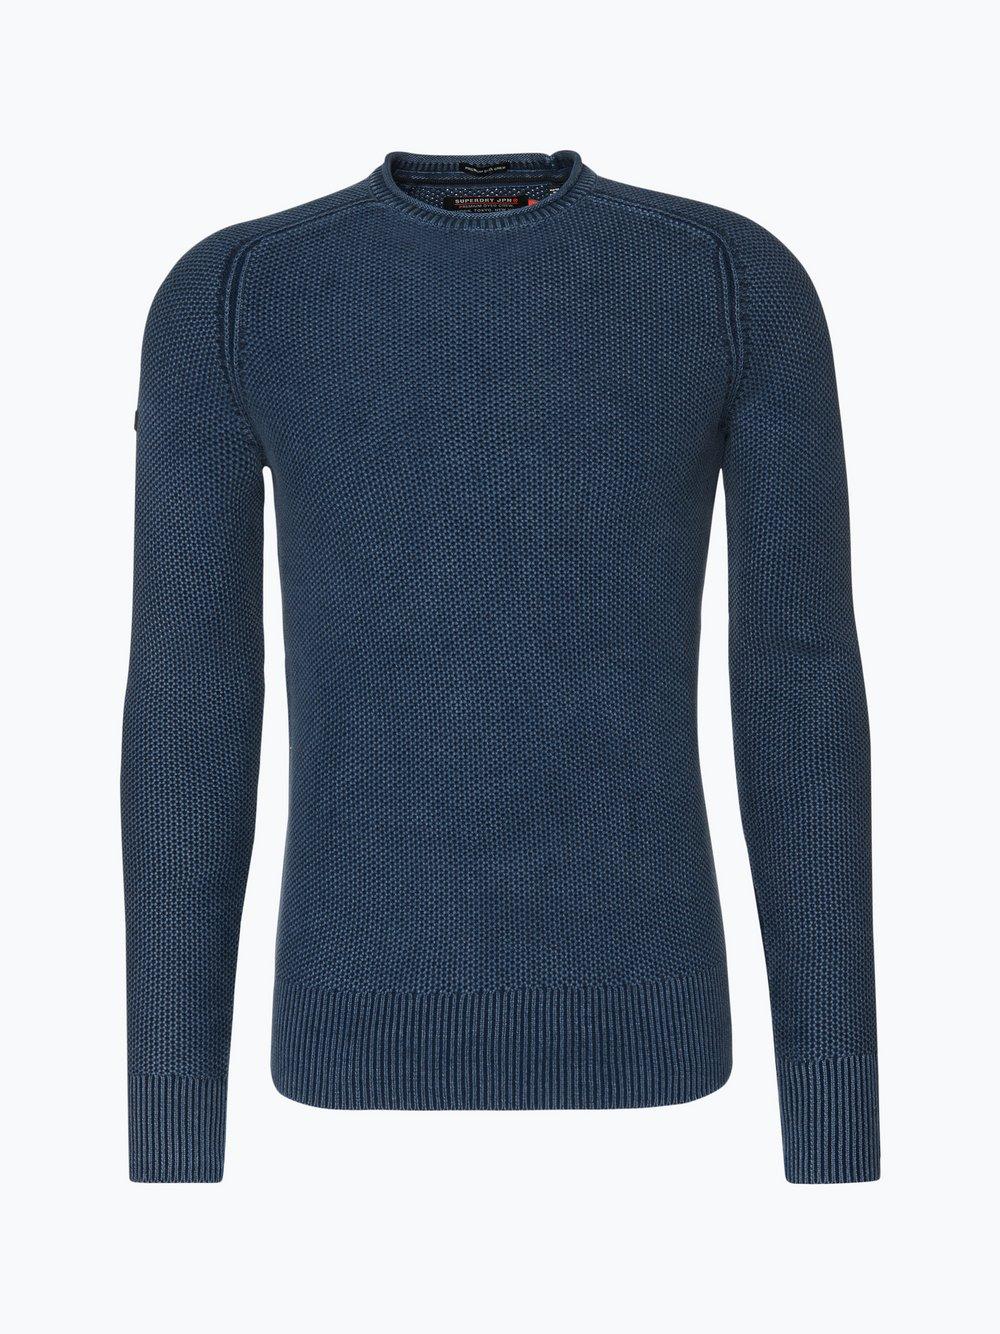 promo code 8c234 a9205 Superdry Herren Pullover online kaufen | VANGRAAF.COM